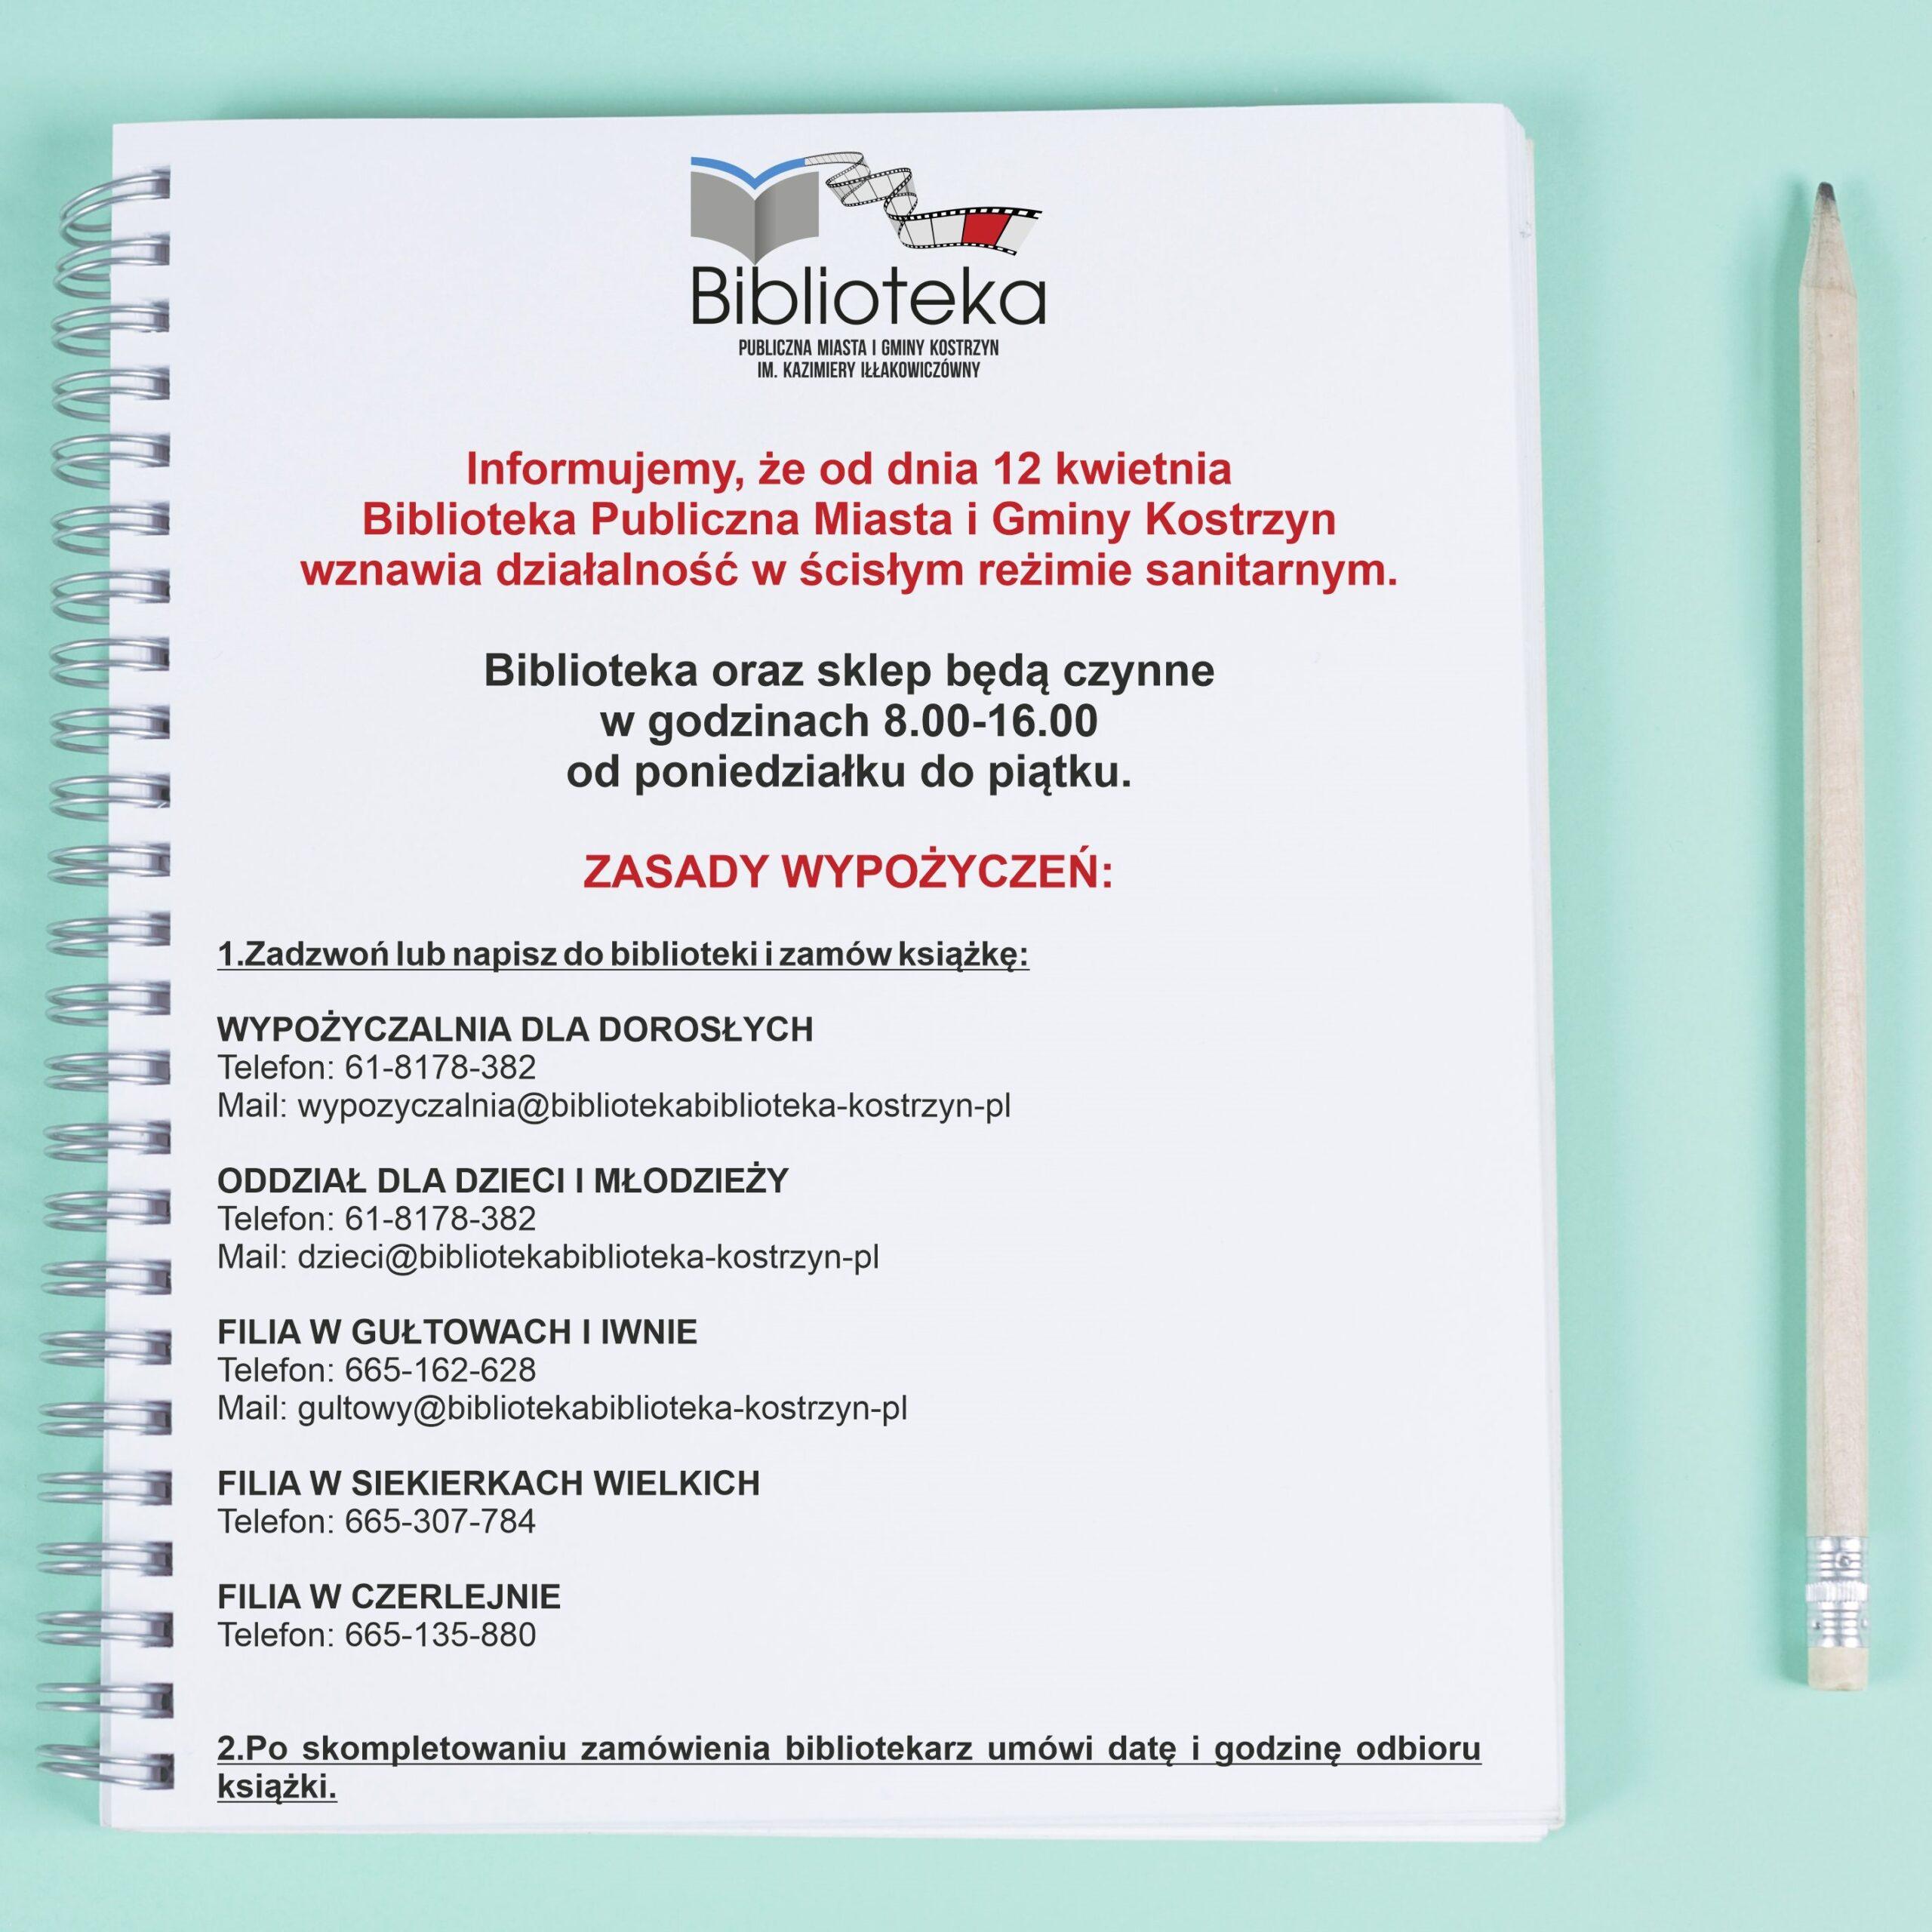 notatnik informacja o wznowieniu działalnosci przez biblioteke od 12 kwietnia